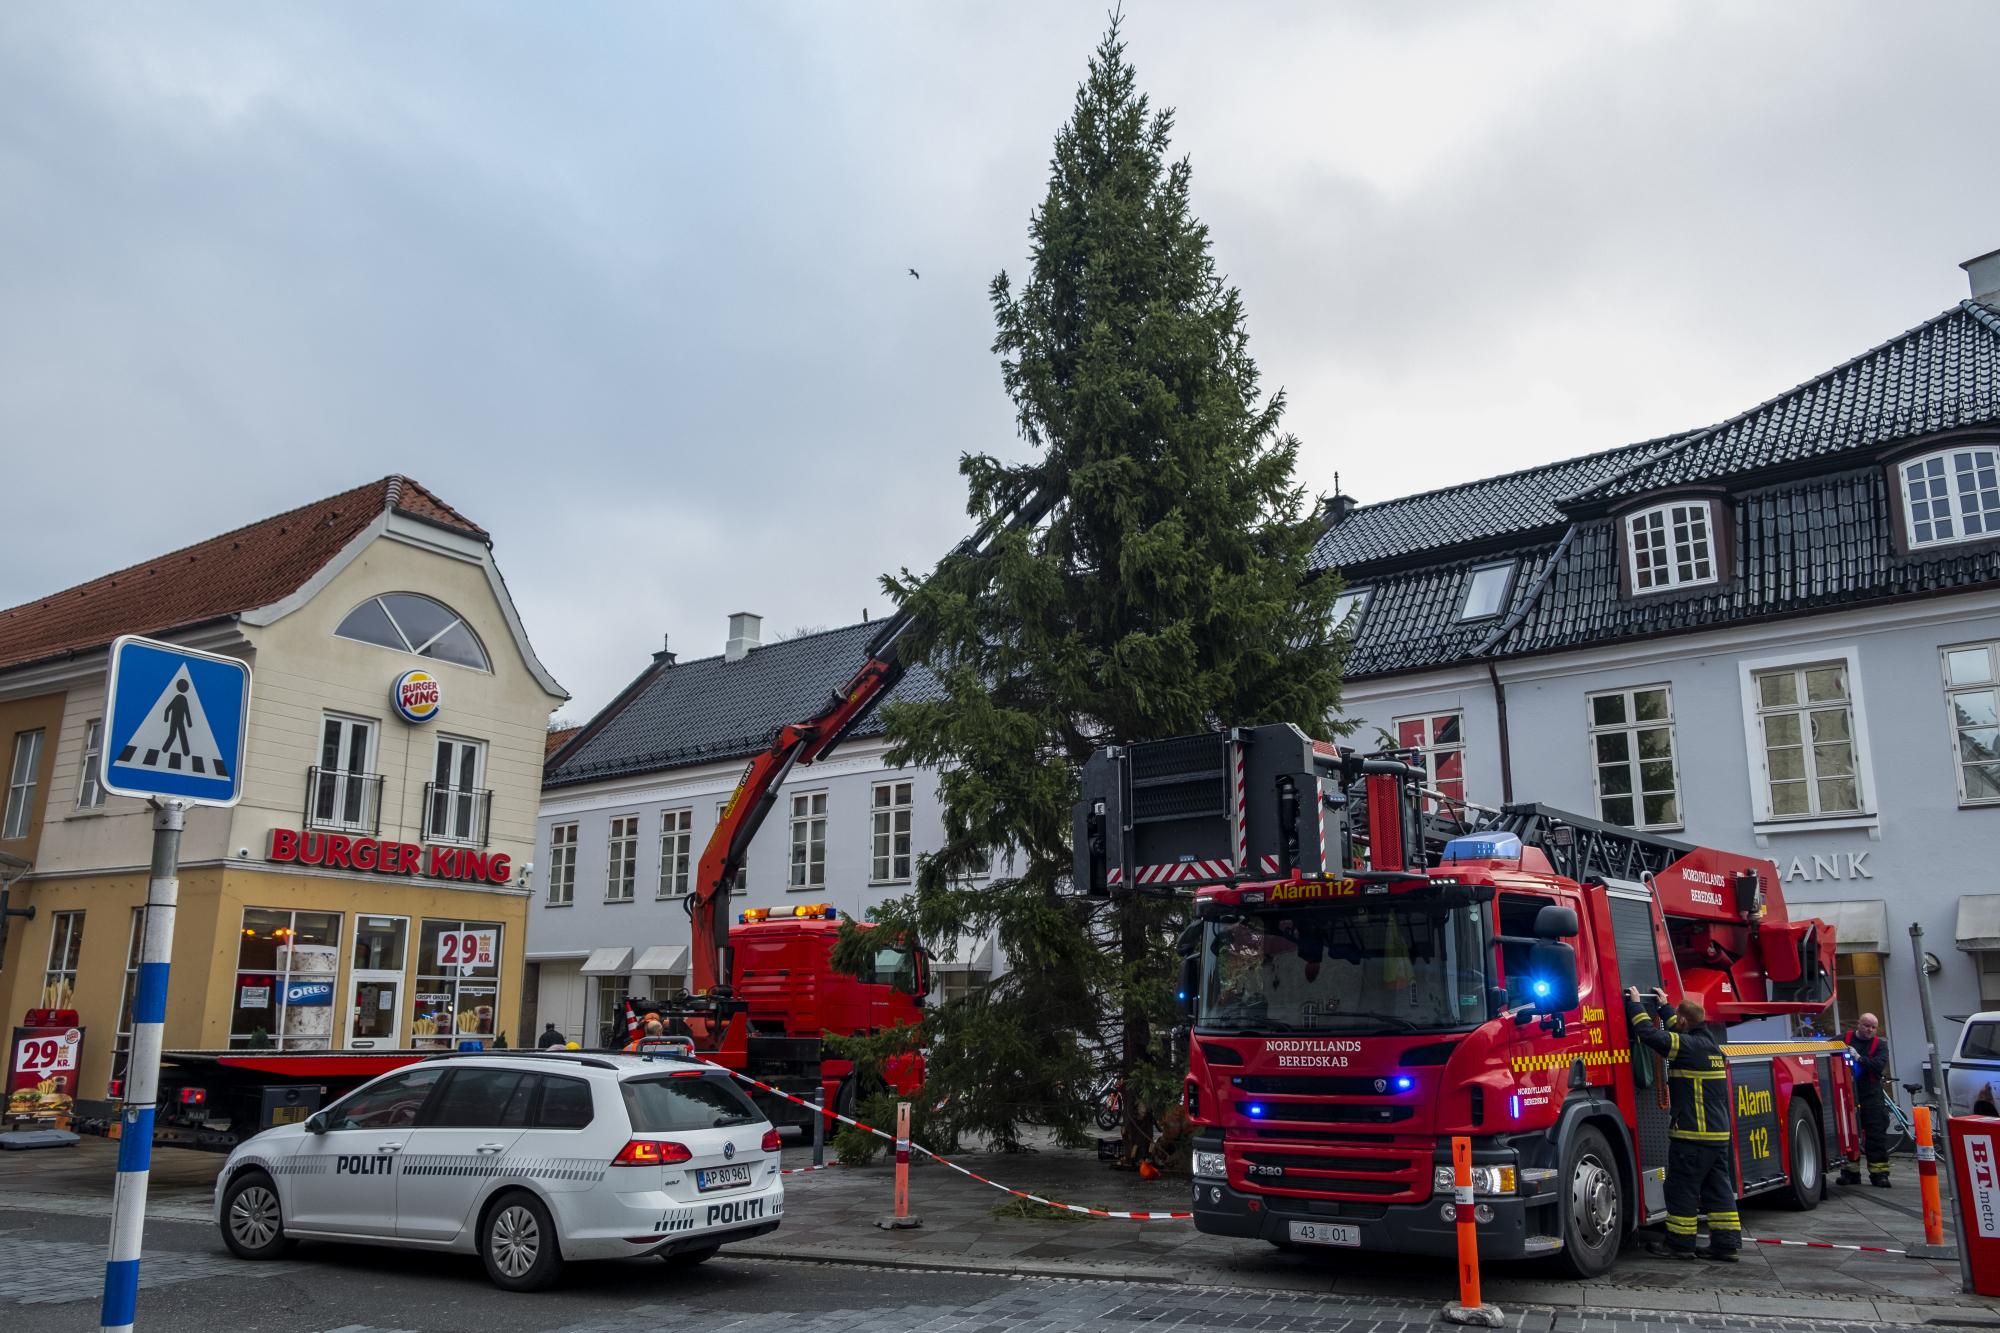 Det kræver tungt grej at få juletræet på plads. Foto: Lasse Sand